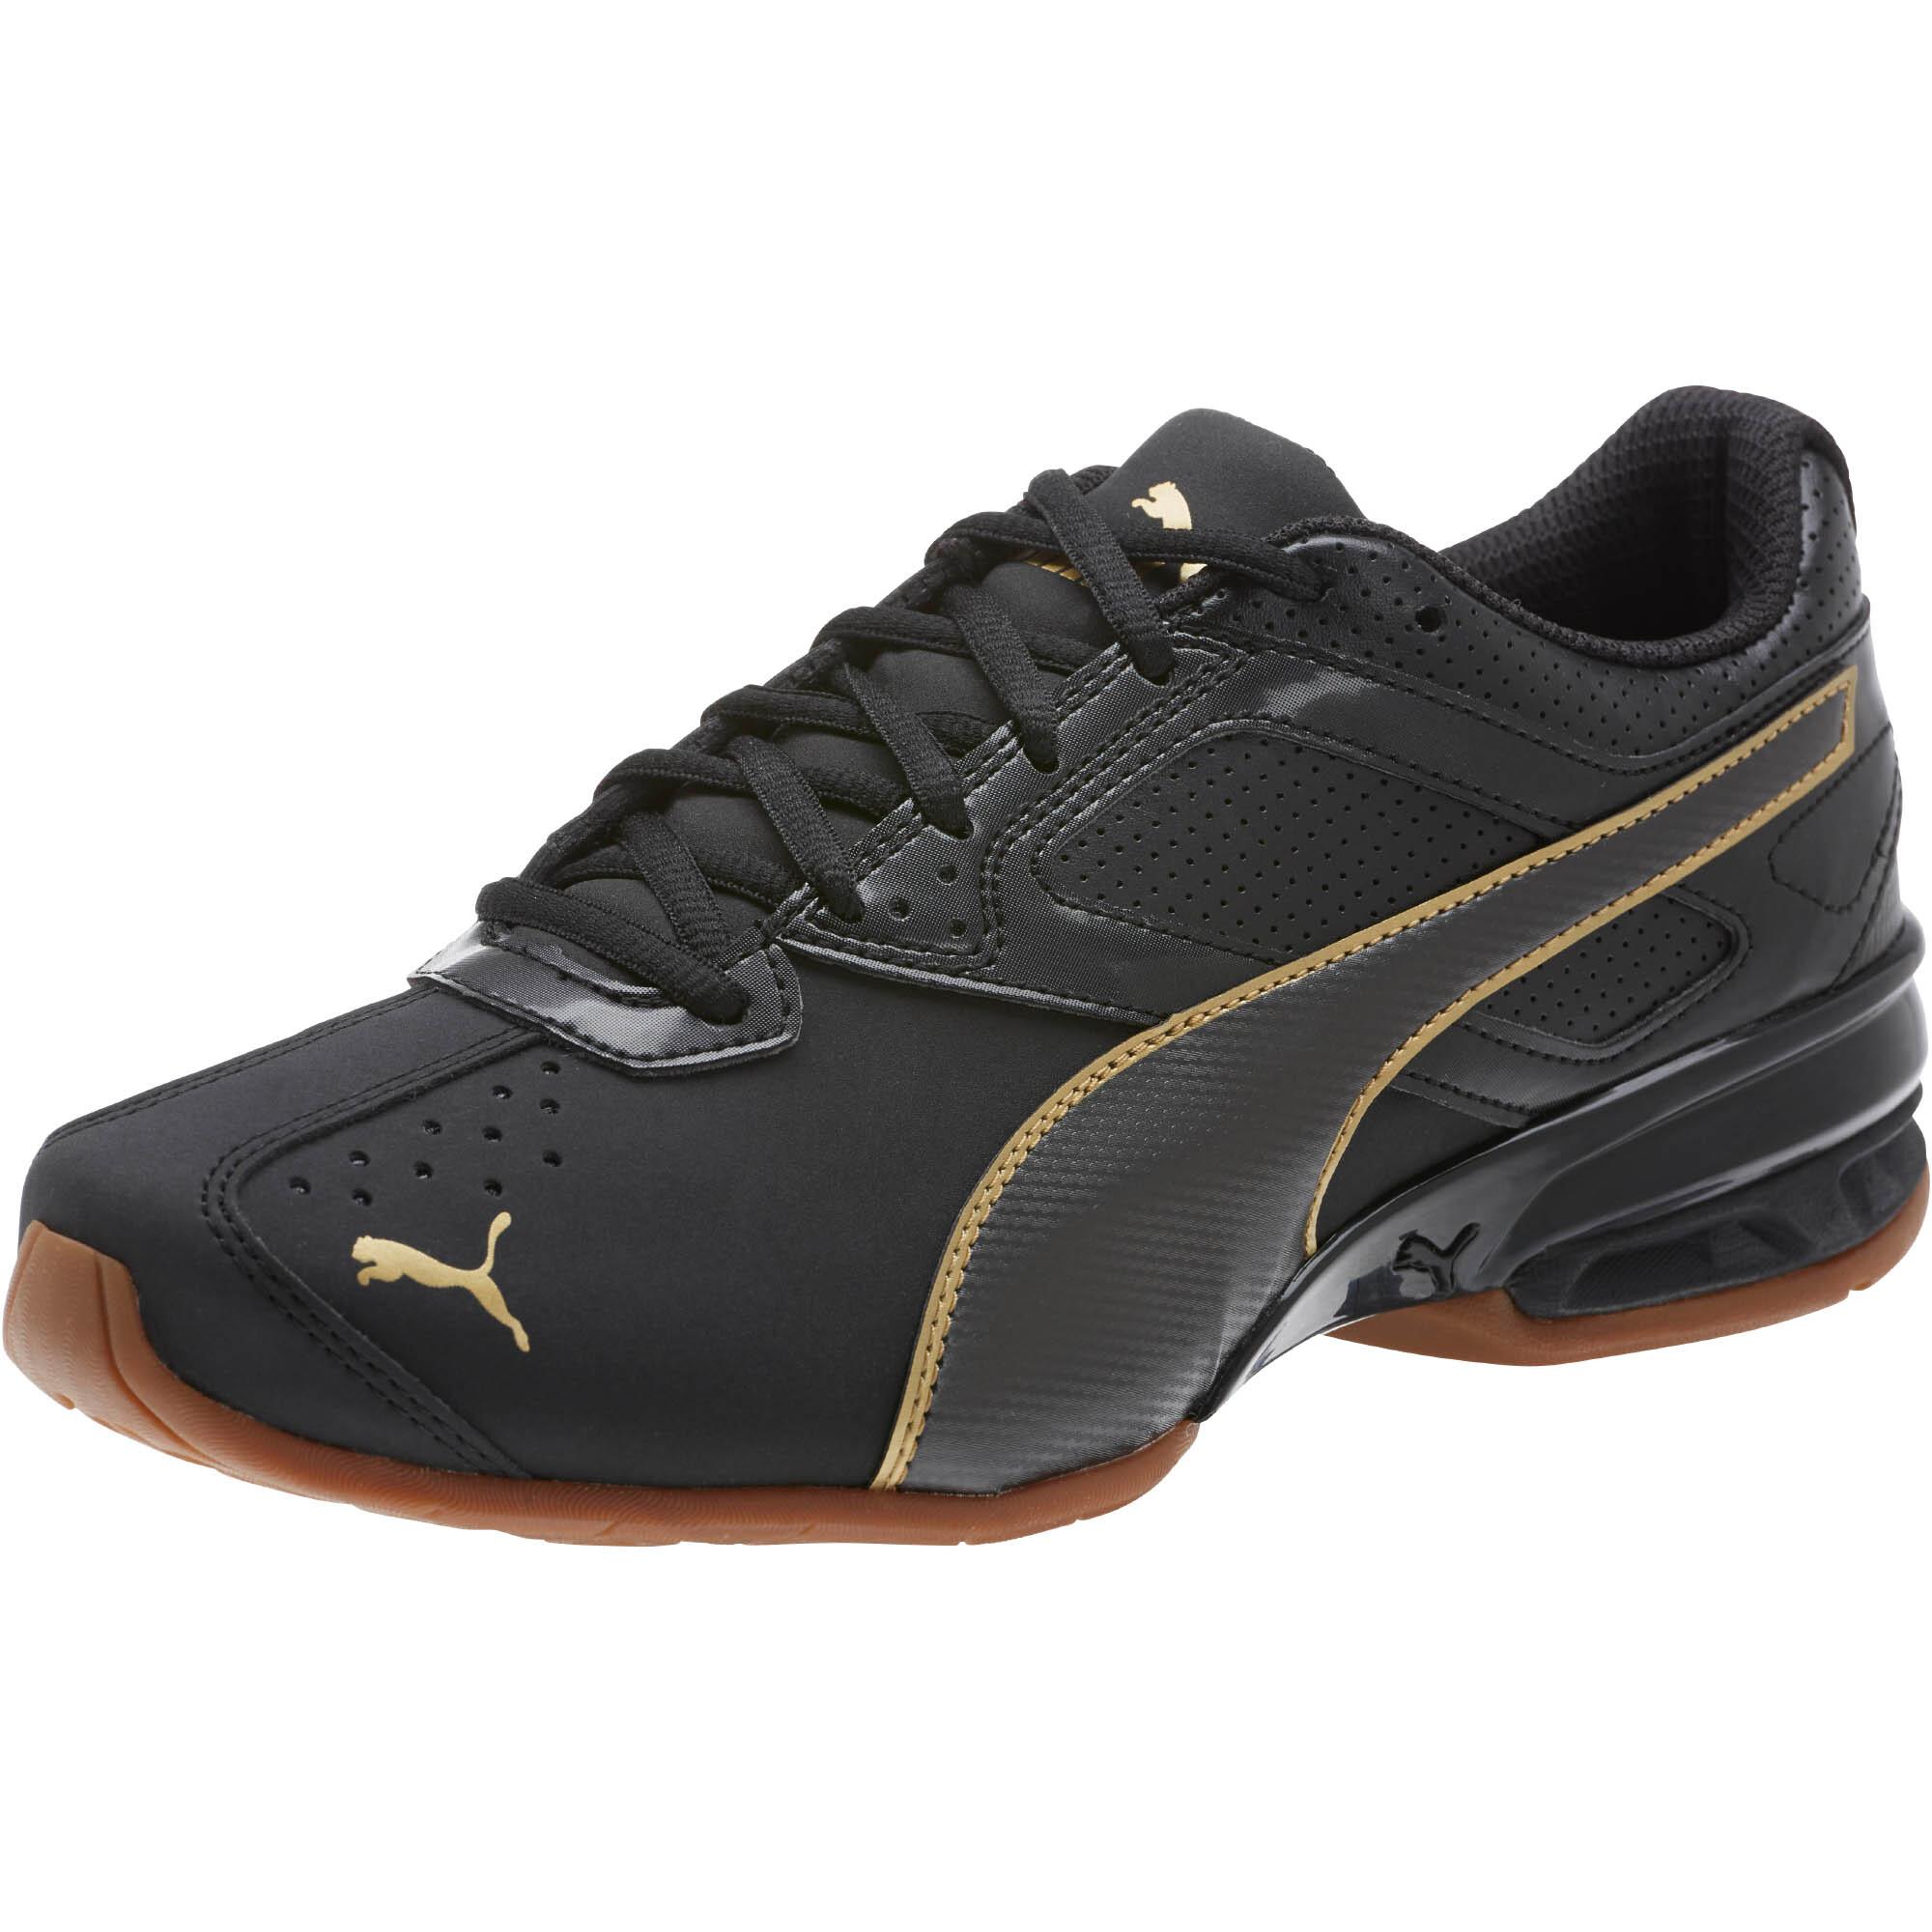 PUMA-Tazon-6-FM-Women-039-s-Sneakers-Women-Shoe-Running thumbnail 8